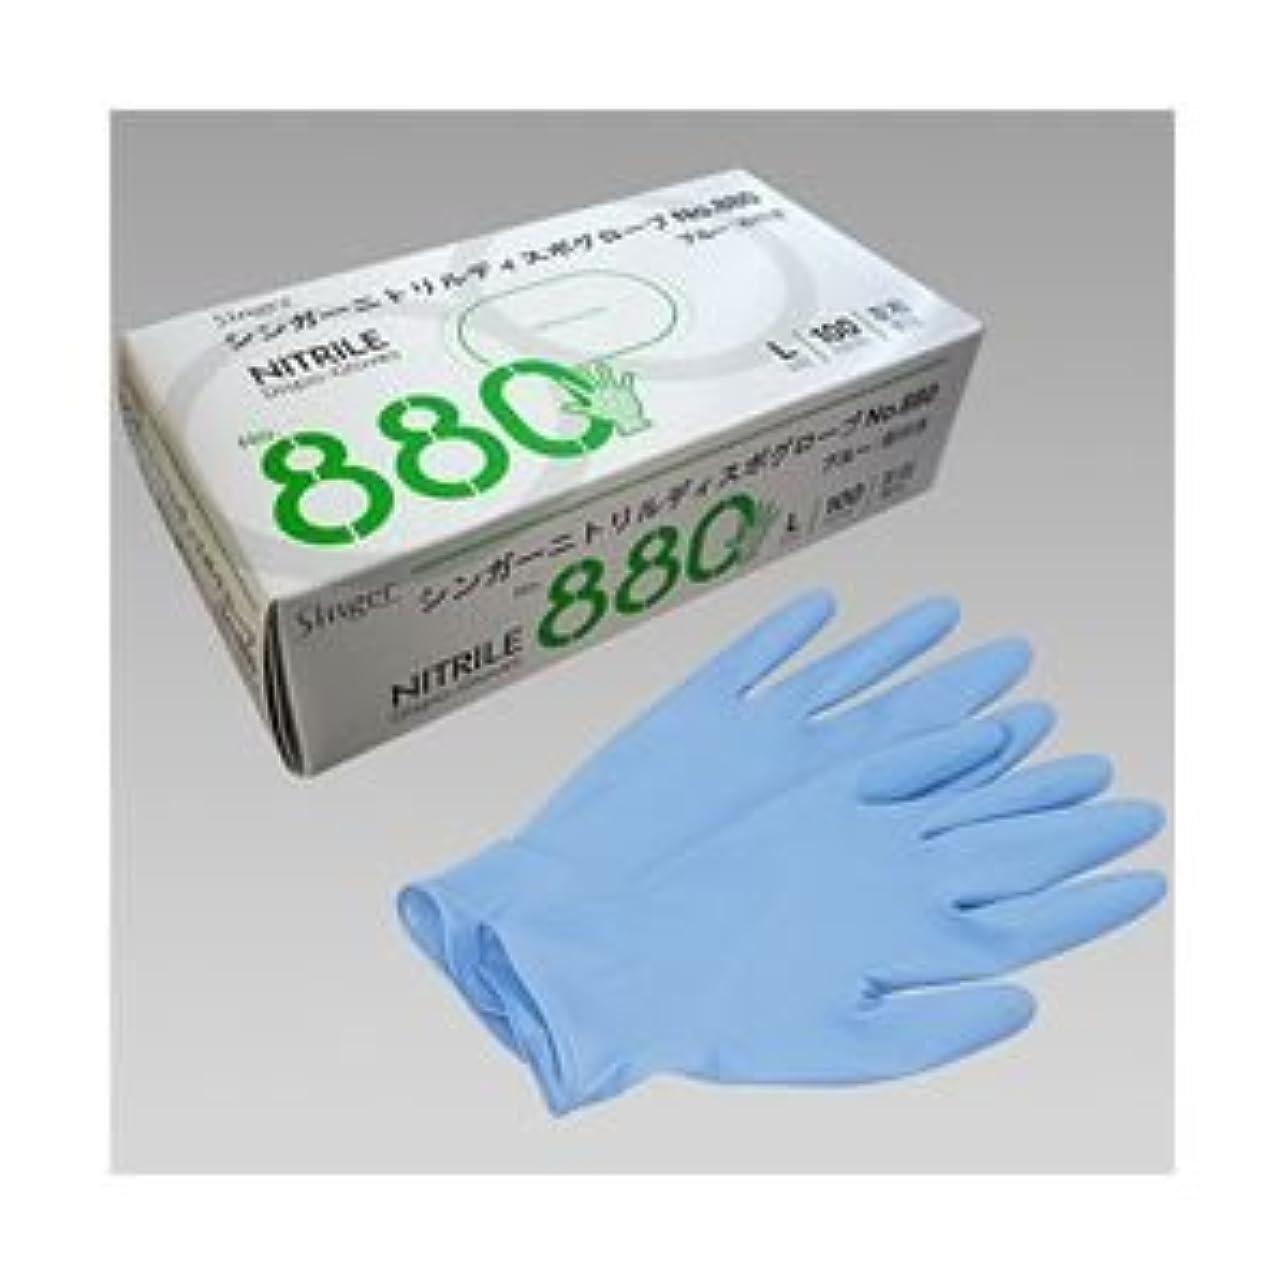 保持する天使創造宇都宮製作 ニトリル手袋 粉付き ブルー L 1箱(100枚) ×5セット